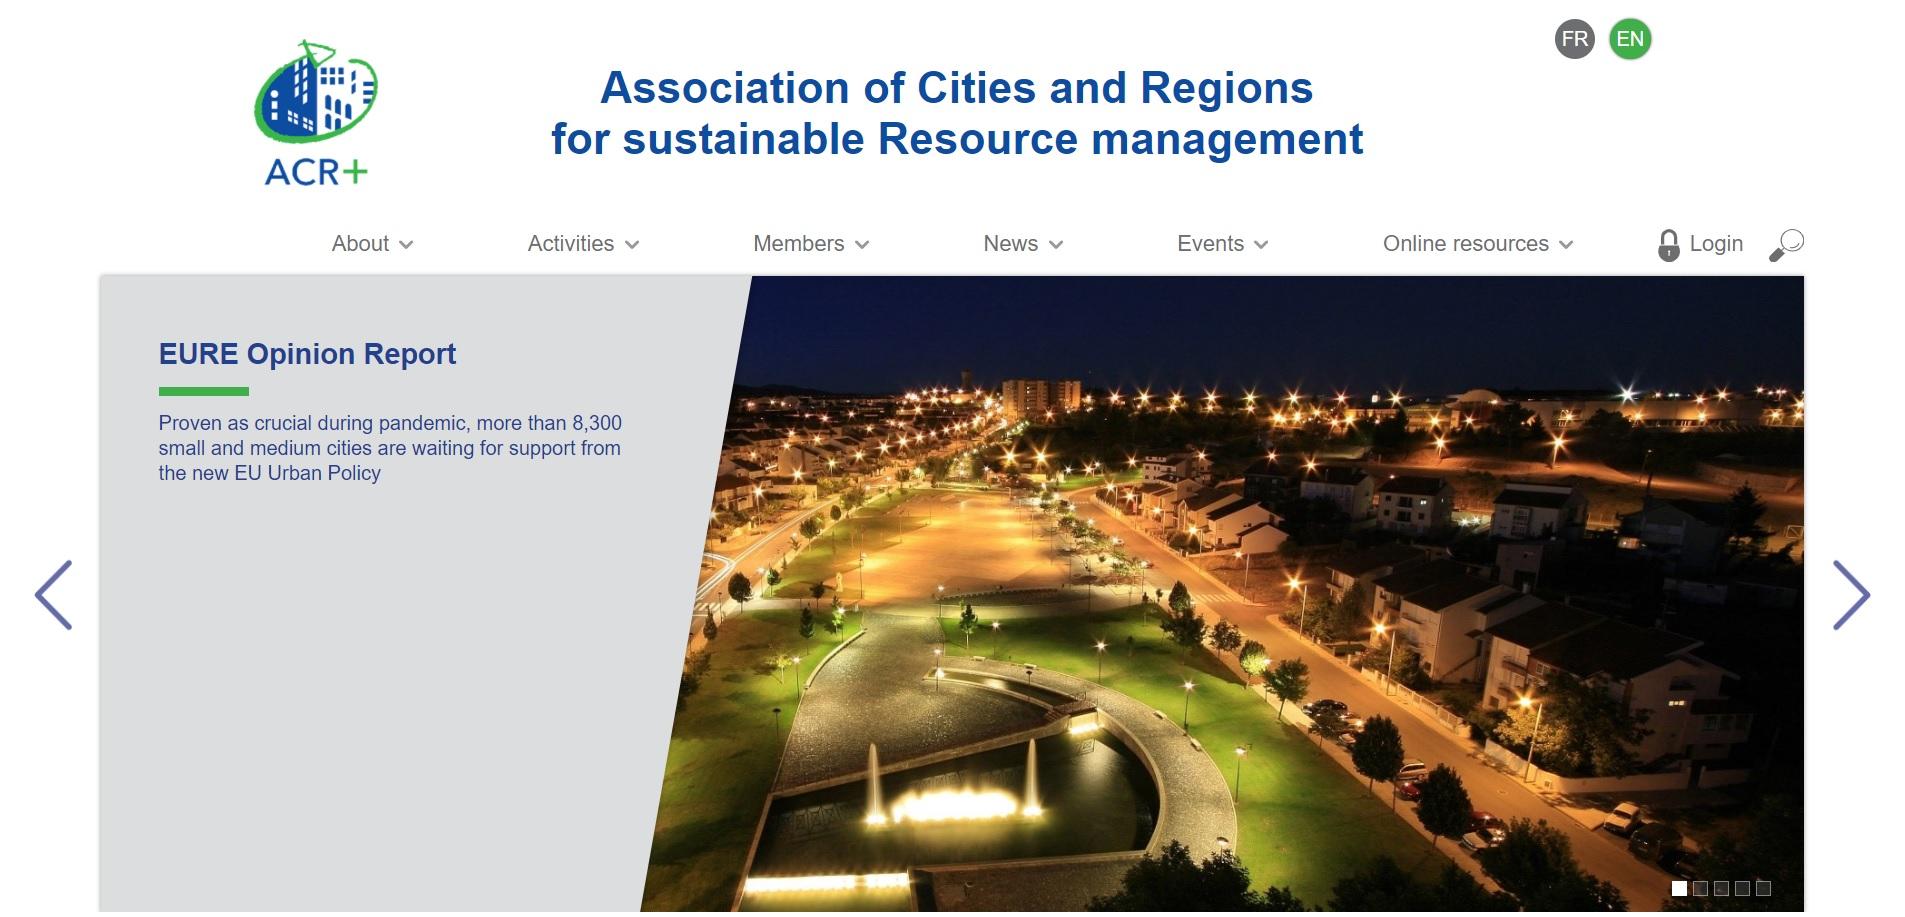 Becas Global Training Prácticas profesionales remuneradas en Association of cities and regions con Fundación Novia Salcedo